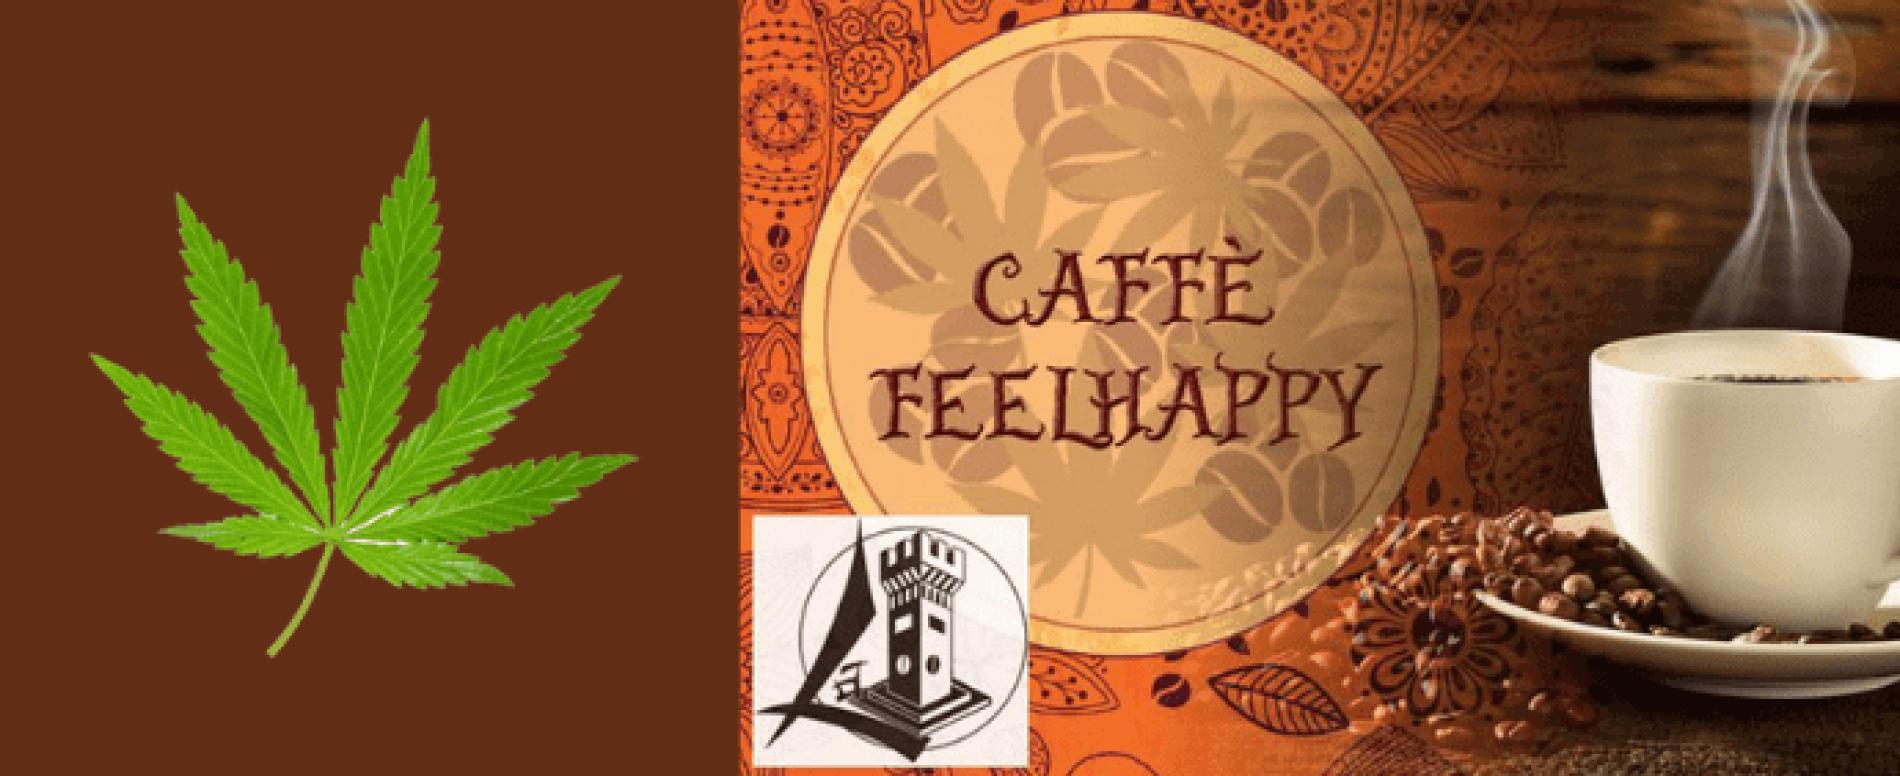 FeelHappy, il caffè ai semi di canapa che fa bene alla salute